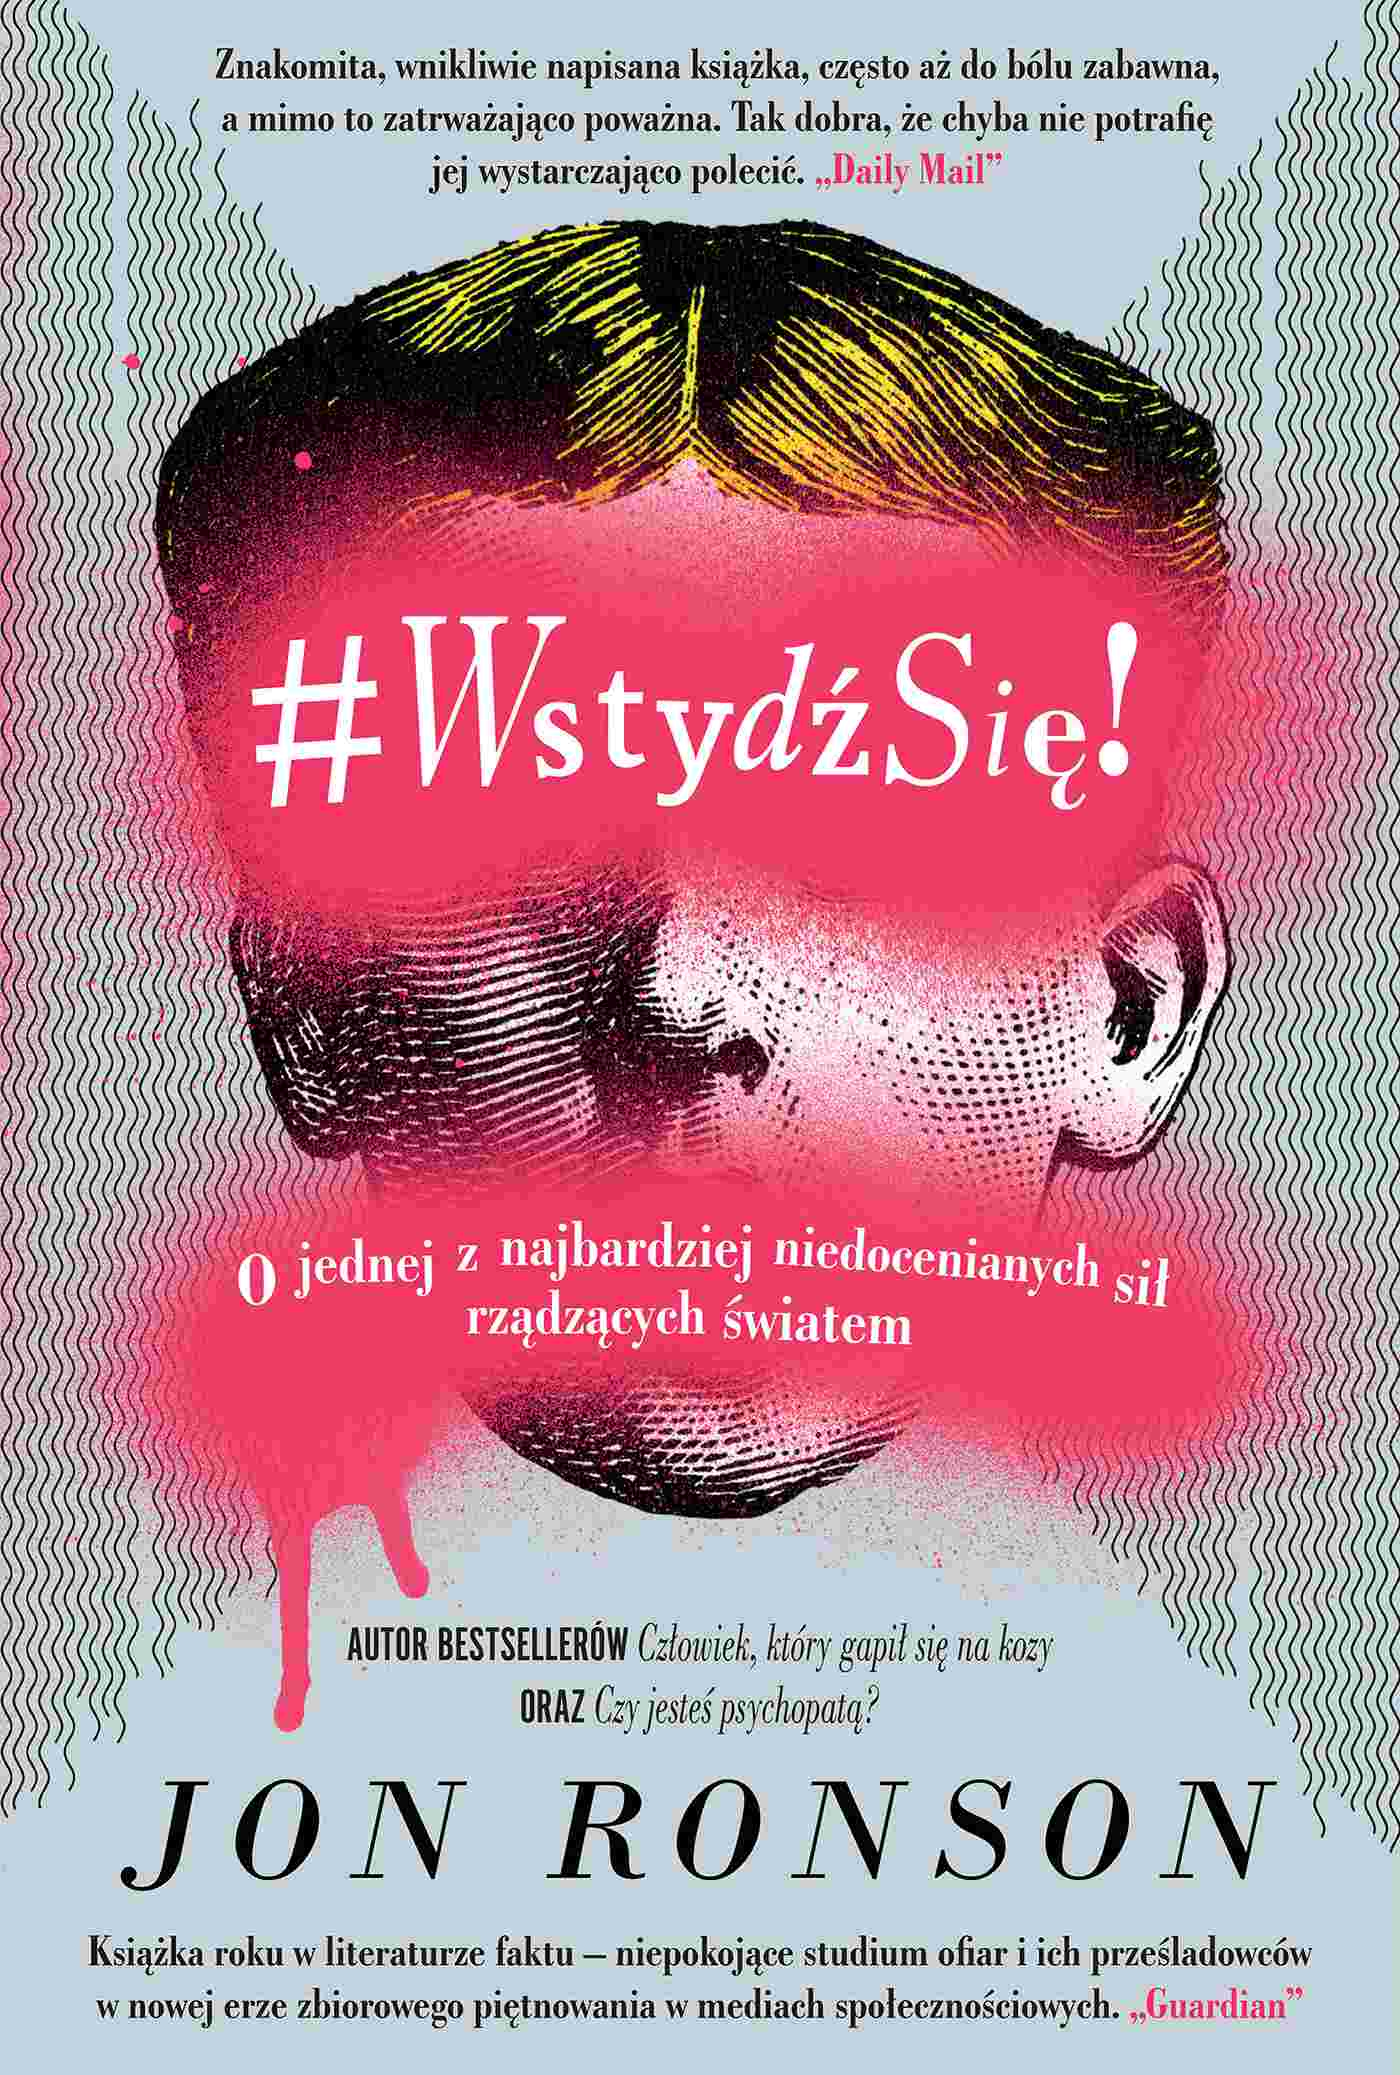 #WstydźSię! - Ebook (Książka EPUB) do pobrania w formacie EPUB